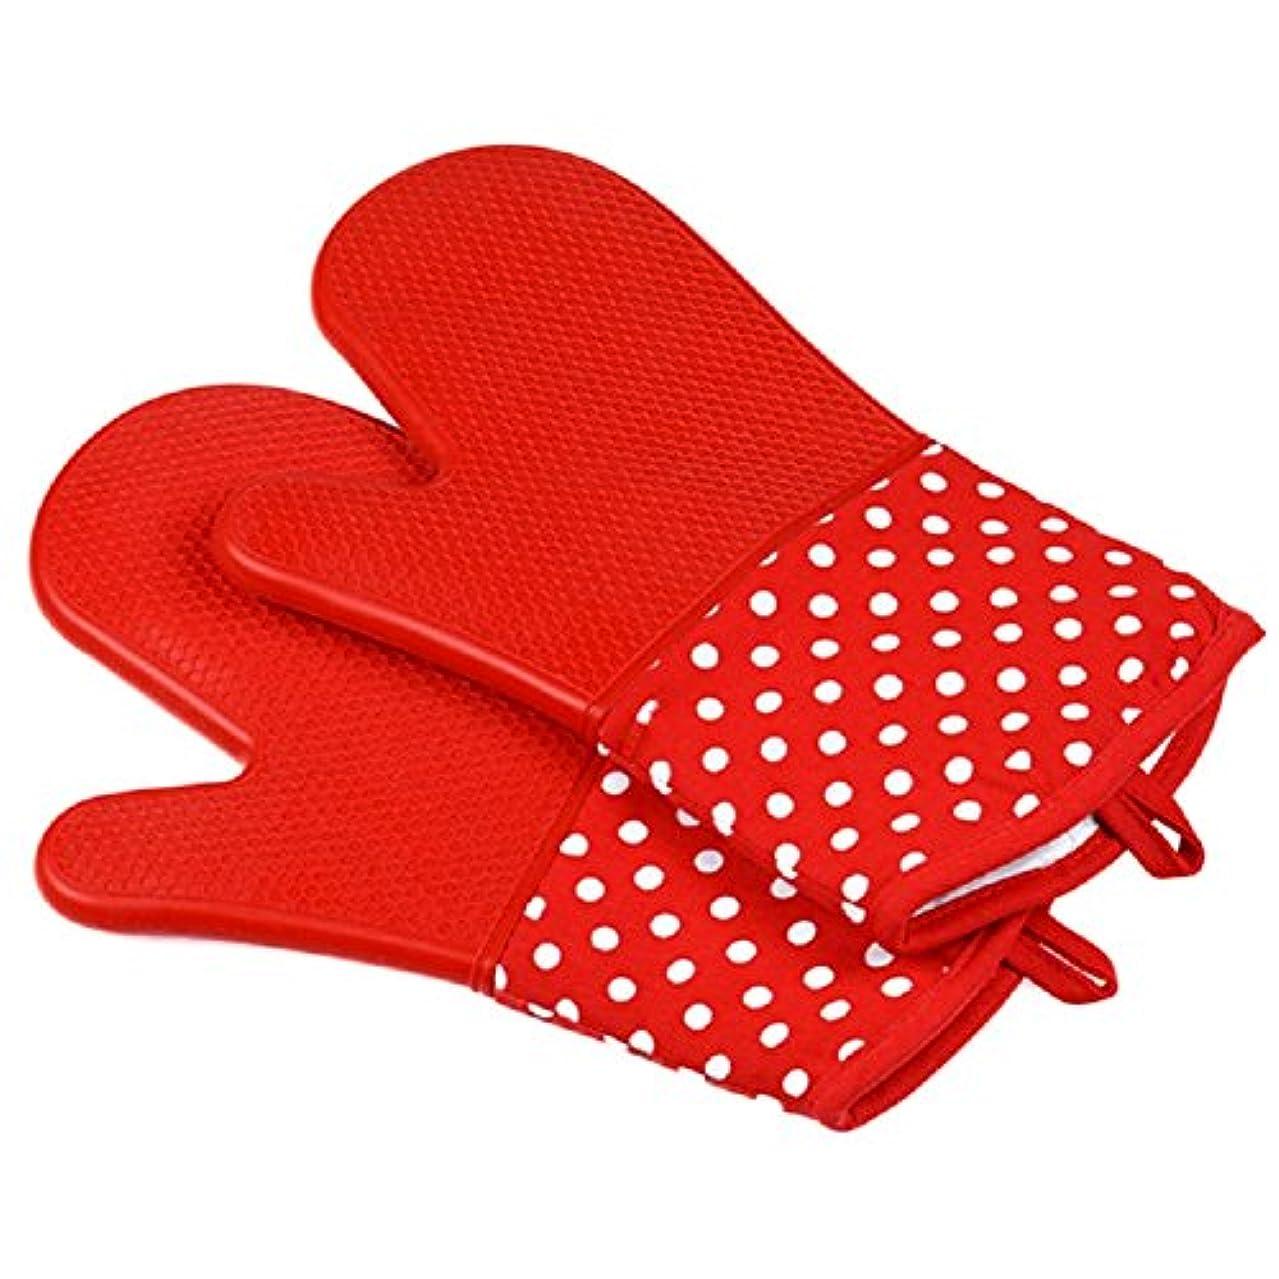 残酷放射する見つけるOUYOU 耐熱グローブ シリコンチェック 耐熱温度300℃ キッチングローブ オーブンミトン シリコン手袋 滑り止め クッキング用 フリーサイズ 2個セット